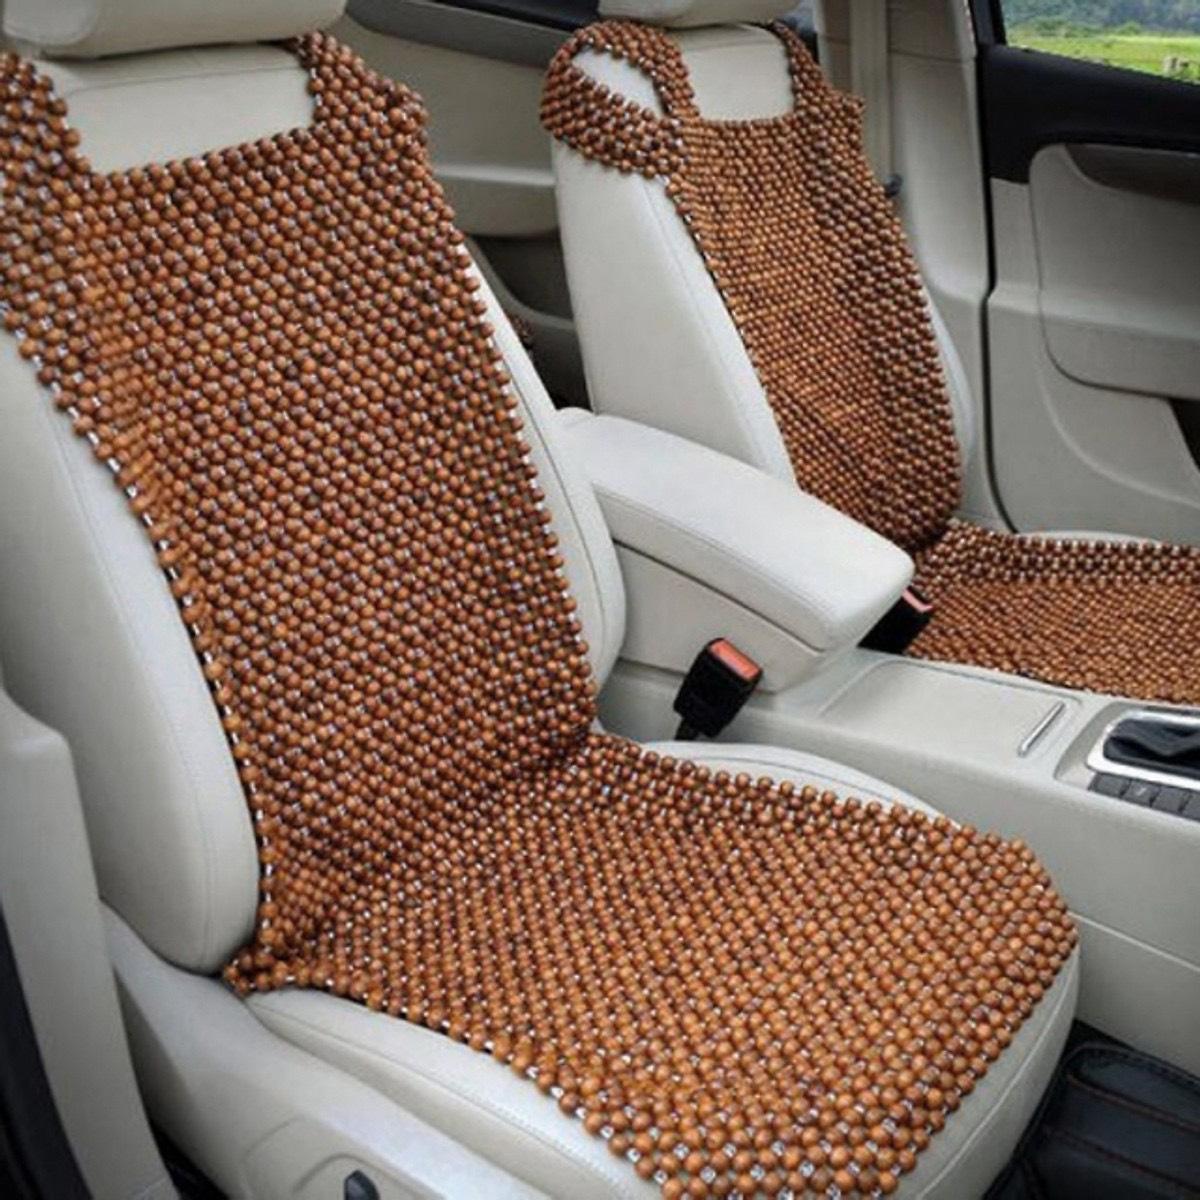 Đệm khoác ghế lái ô tô hạt gỗ hương loại 1,2cm .